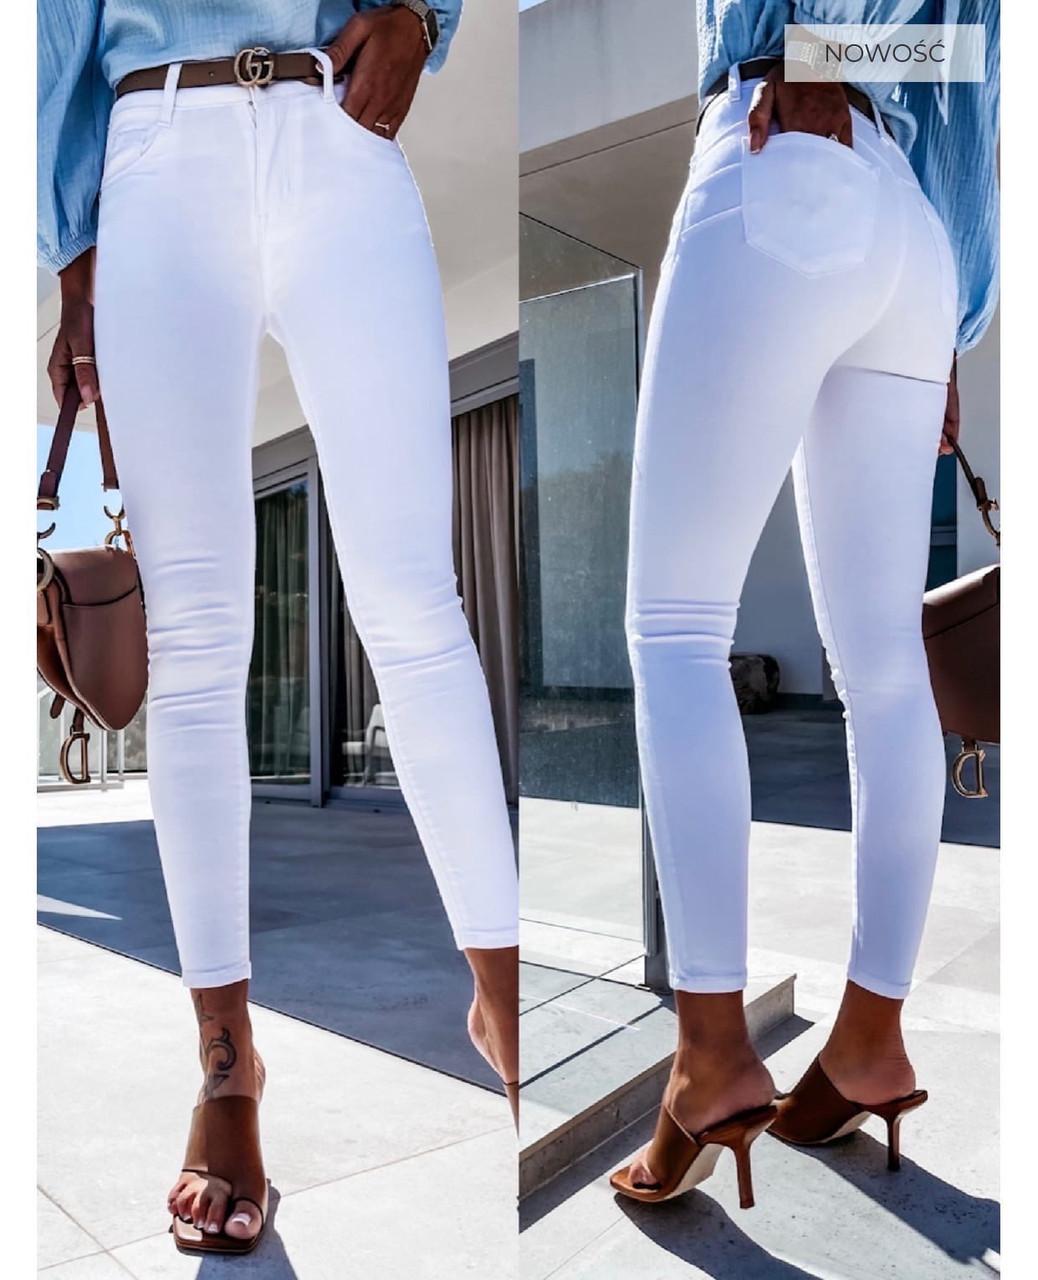 Стильные удобные белые стрейчевые джинсы Skinny с завышенной талией   S,M,L,XL